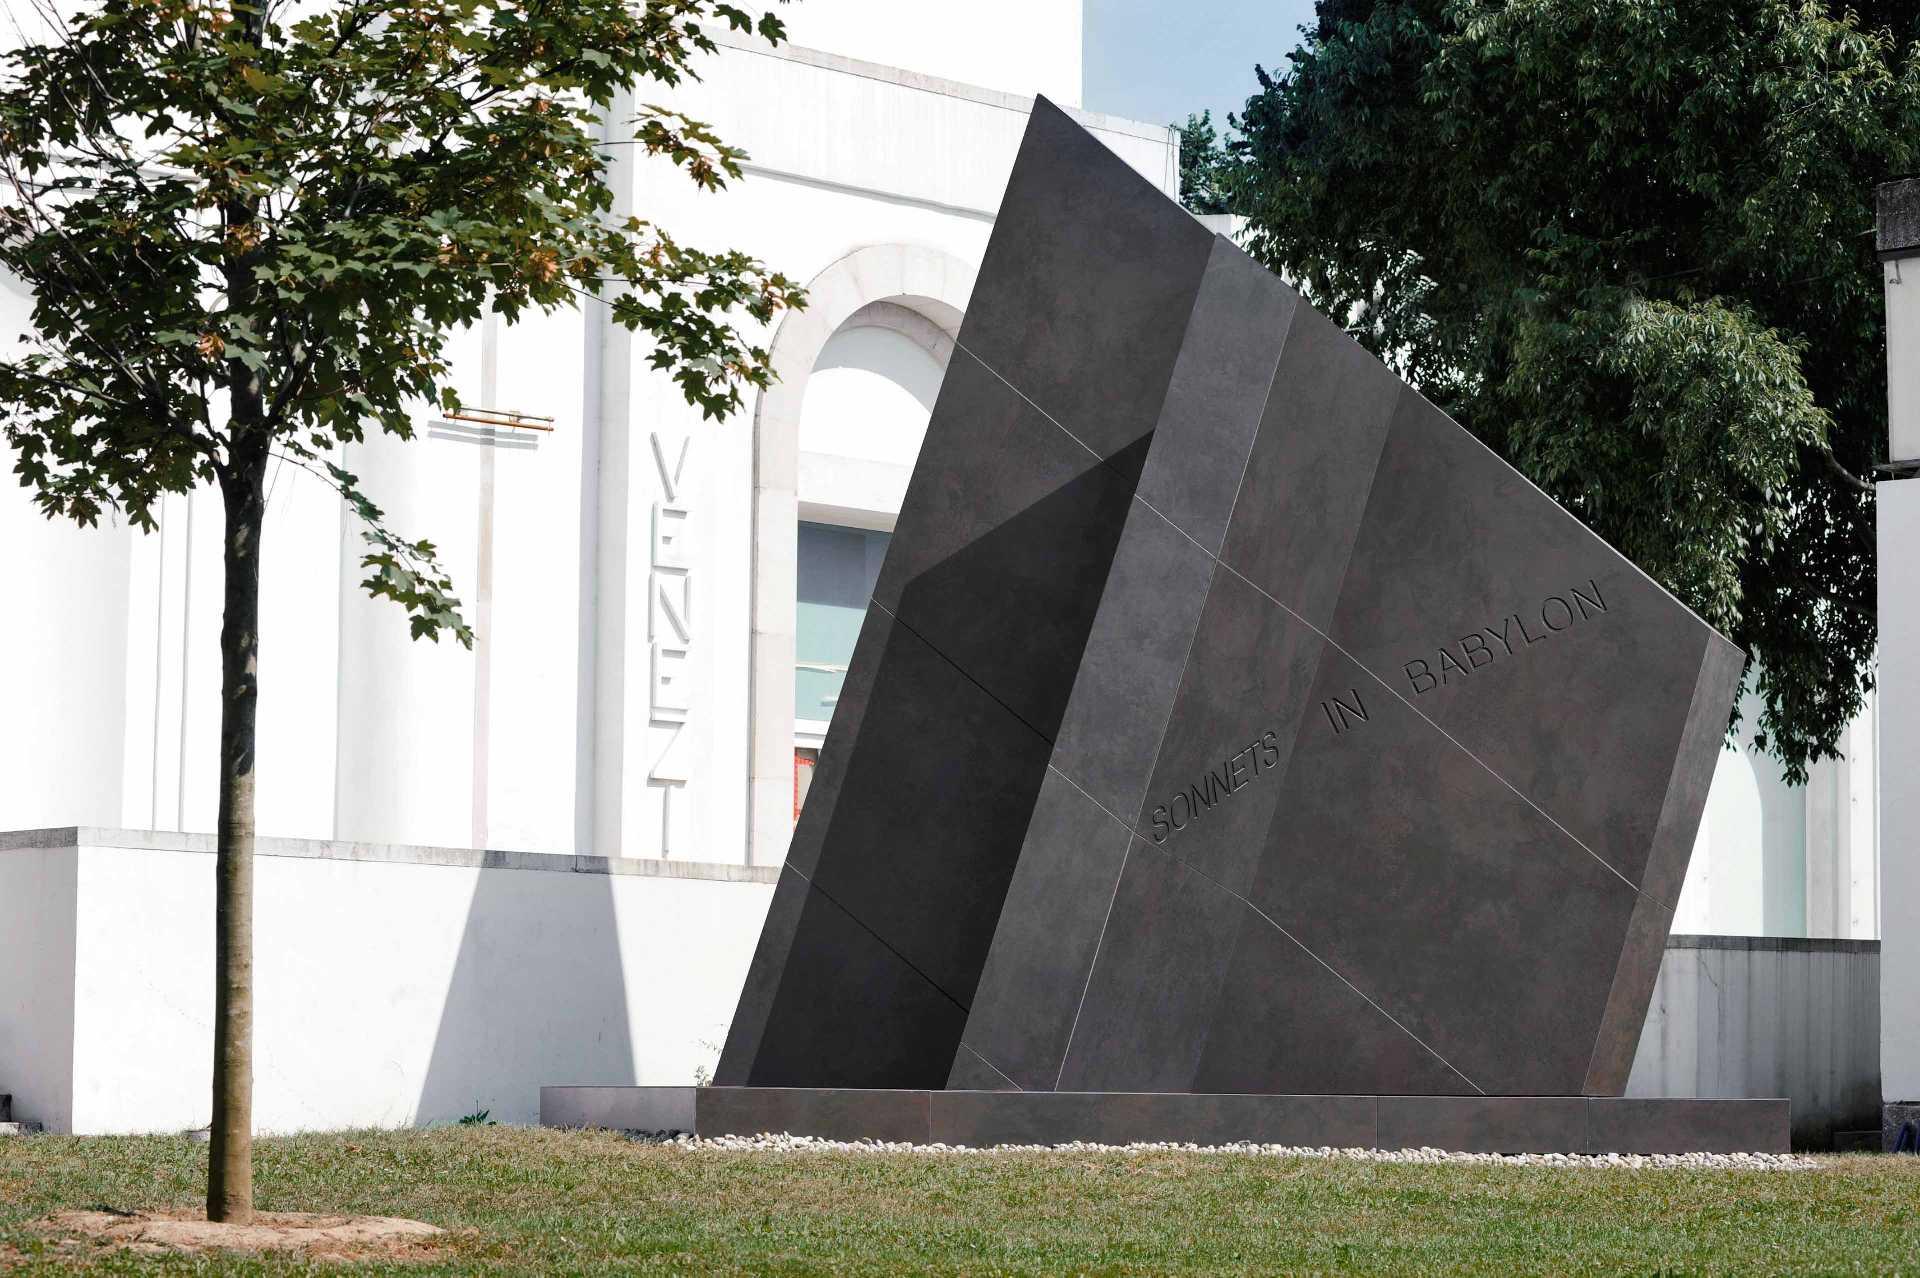 Daniel Libeskind's Sculptures  - MBP 8679 B 32